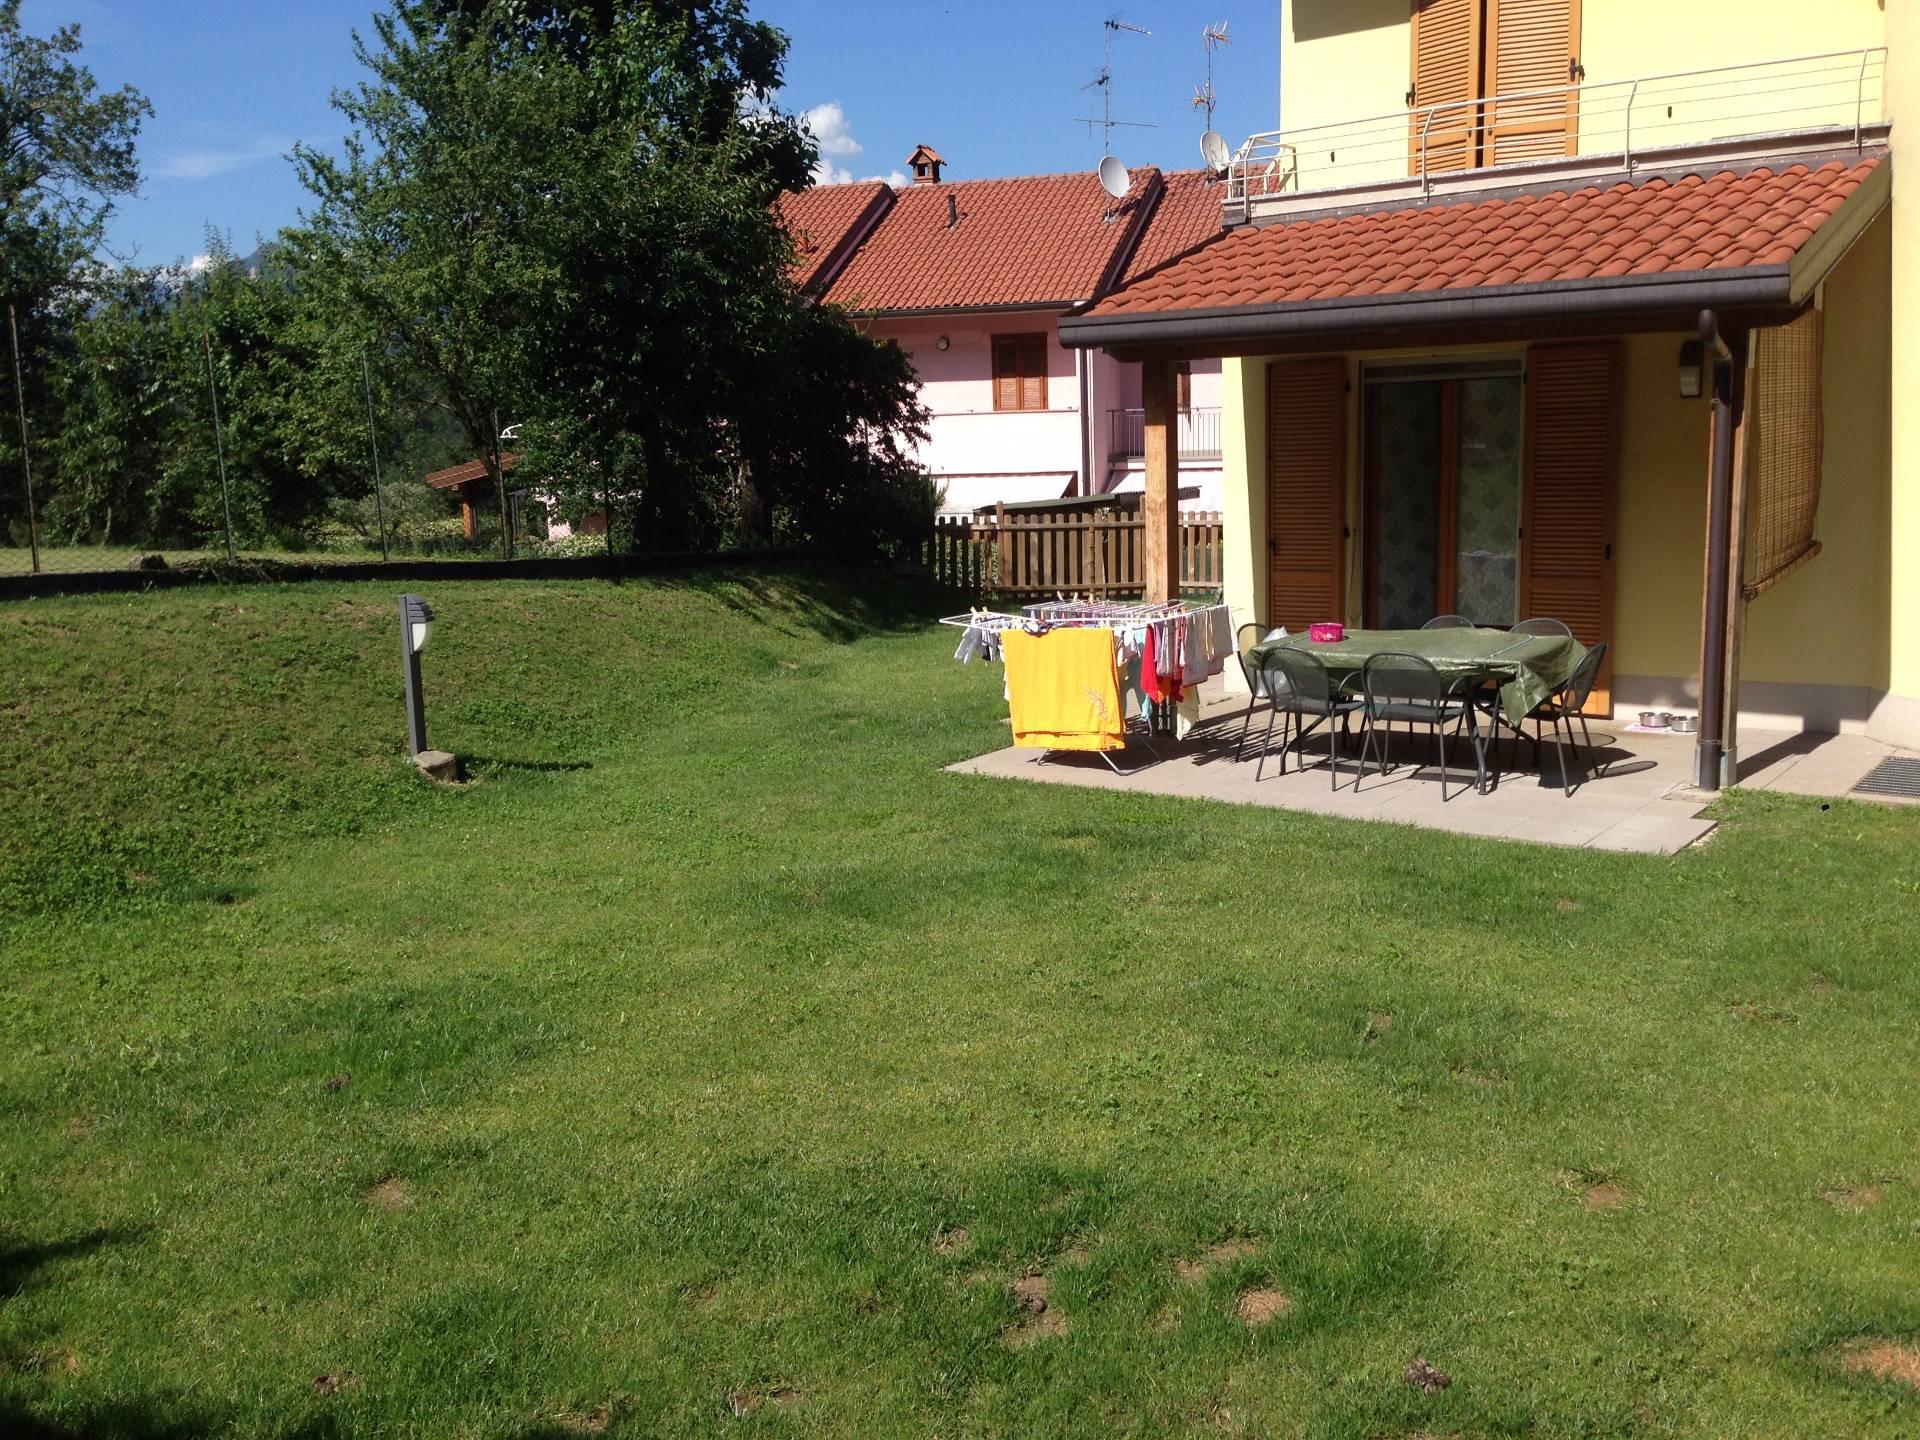 Villa a Schiera in vendita a Valgreghentino, 4 locali, prezzo € 265.000 | CambioCasa.it